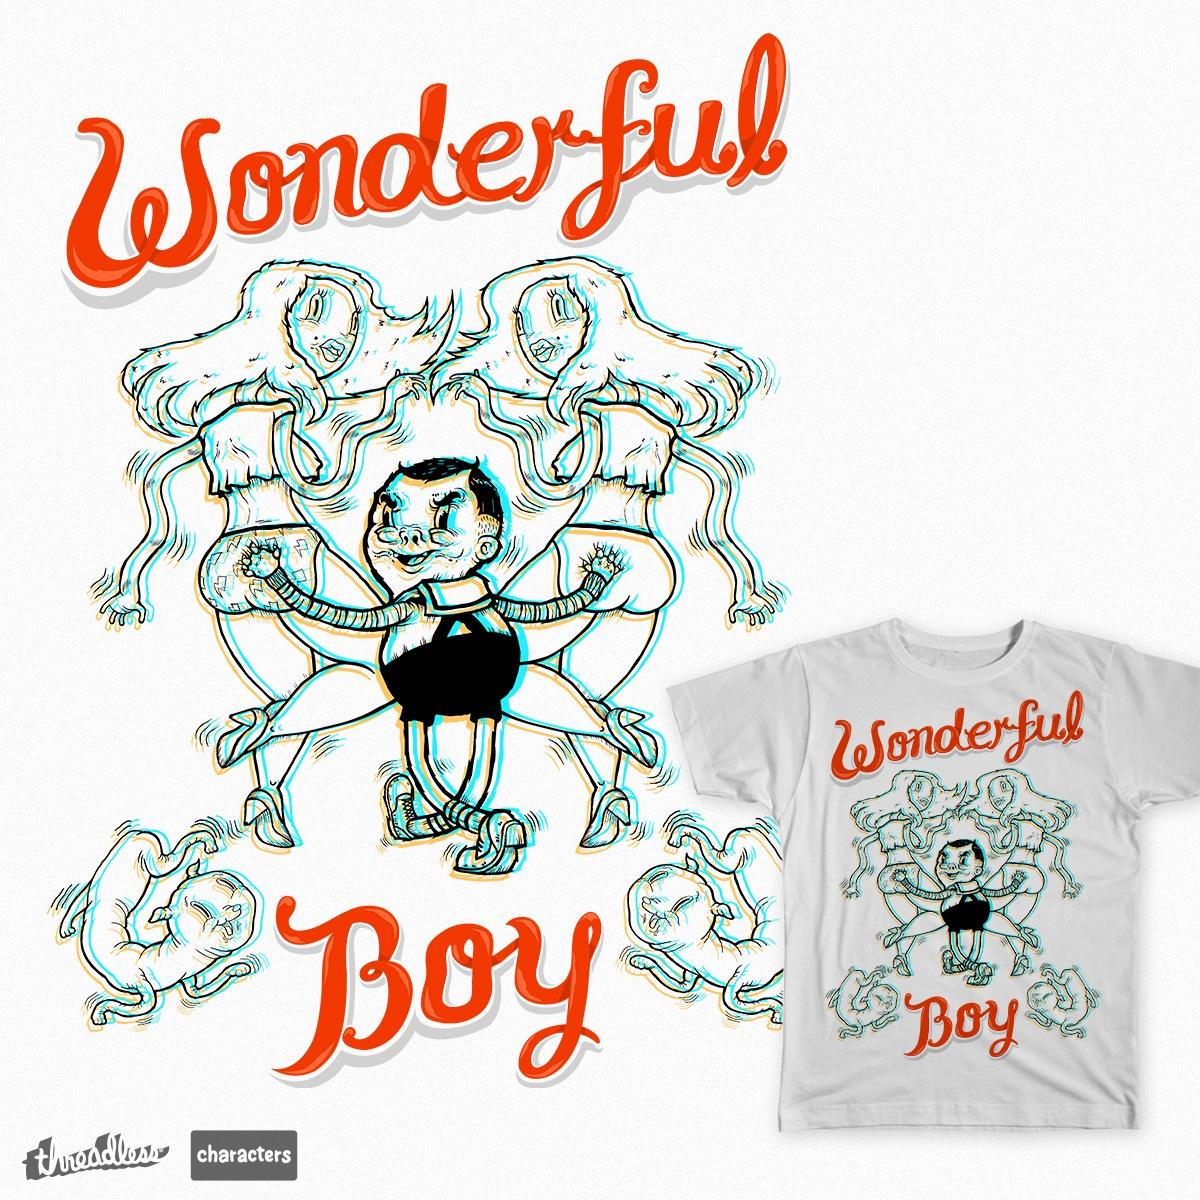 wonderful joey boy by jwan gutoma on Threadless